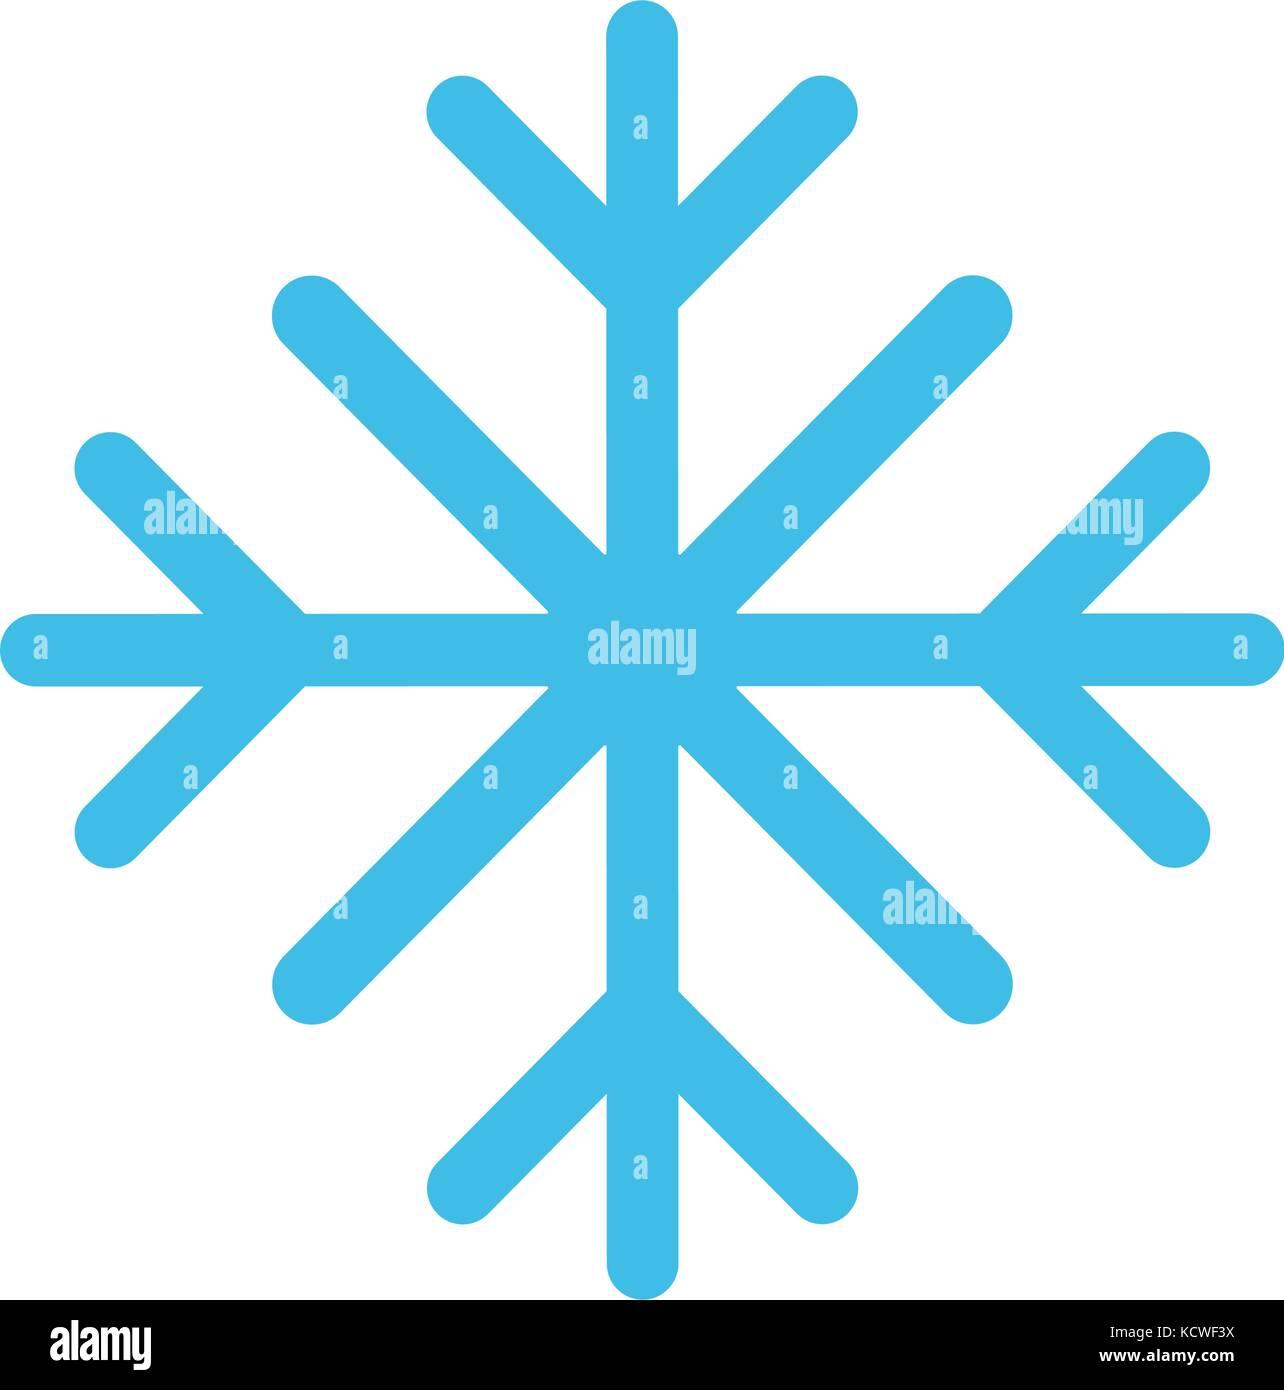 Il simbolo del fiocco di neve in inverno immagine icona Immagini Stock